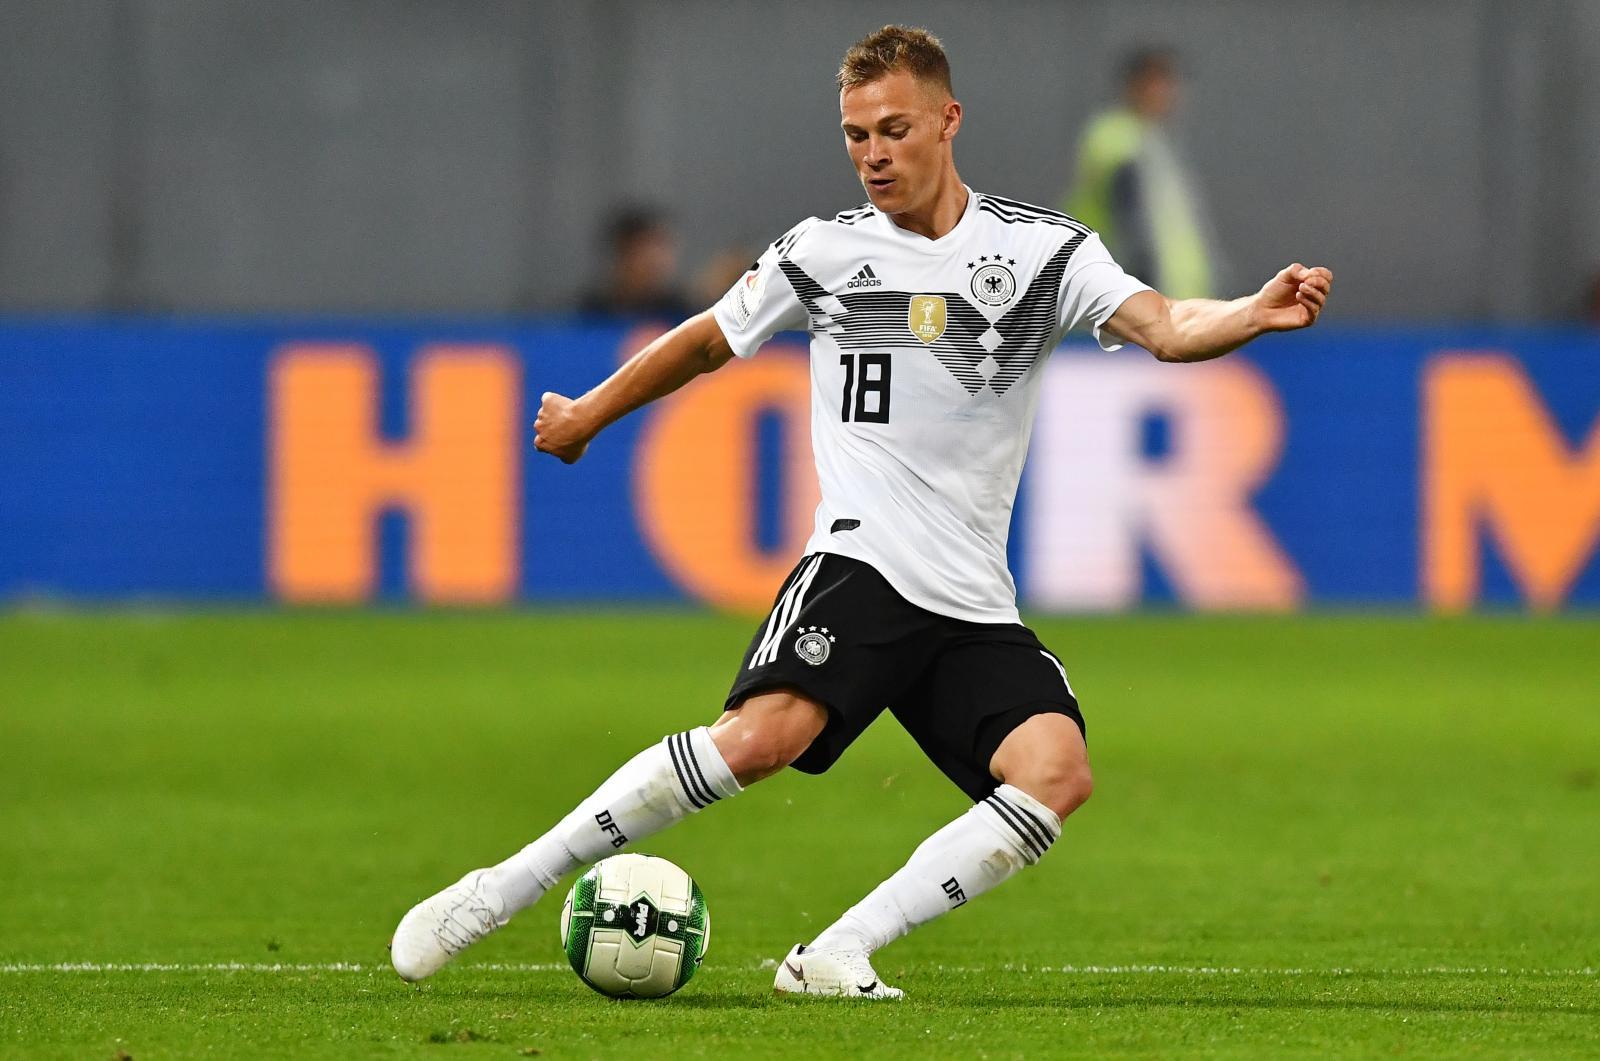 กรุ๊ป F  กลุ่มนี้เยอรมันจองแชมป์ พร้อมรายชื่อนักเตะ 23 คน